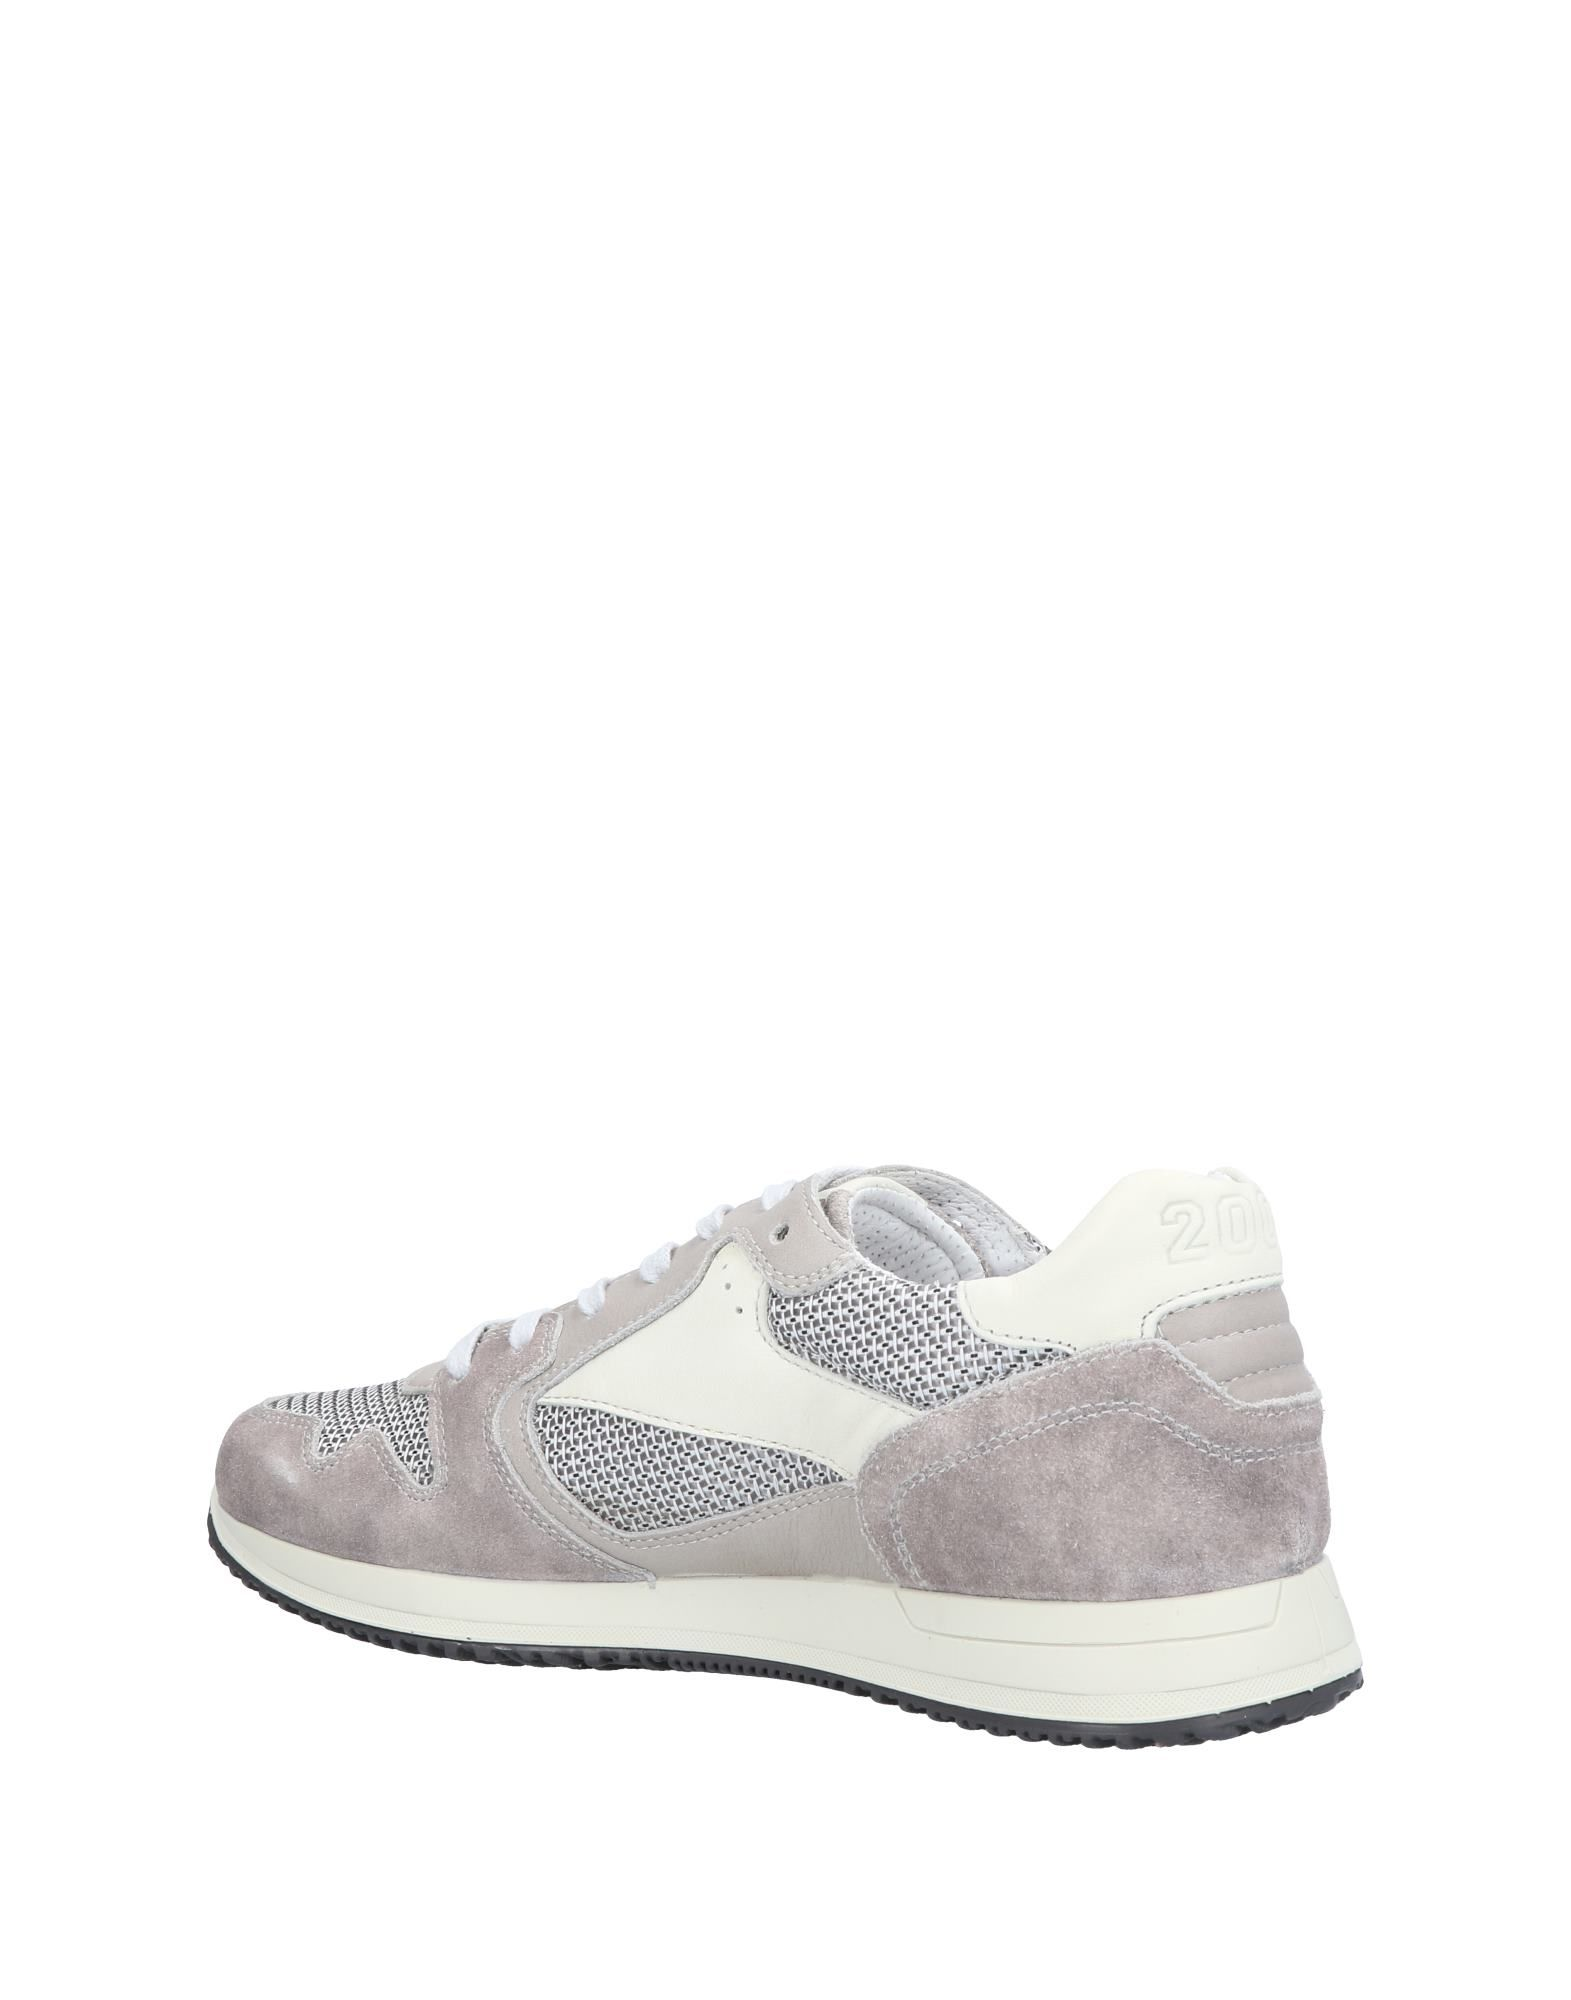 Igi&Co Sneakers - Men Men Men Igi&Co Sneakers online on  Australia - 11463973UH 389d10